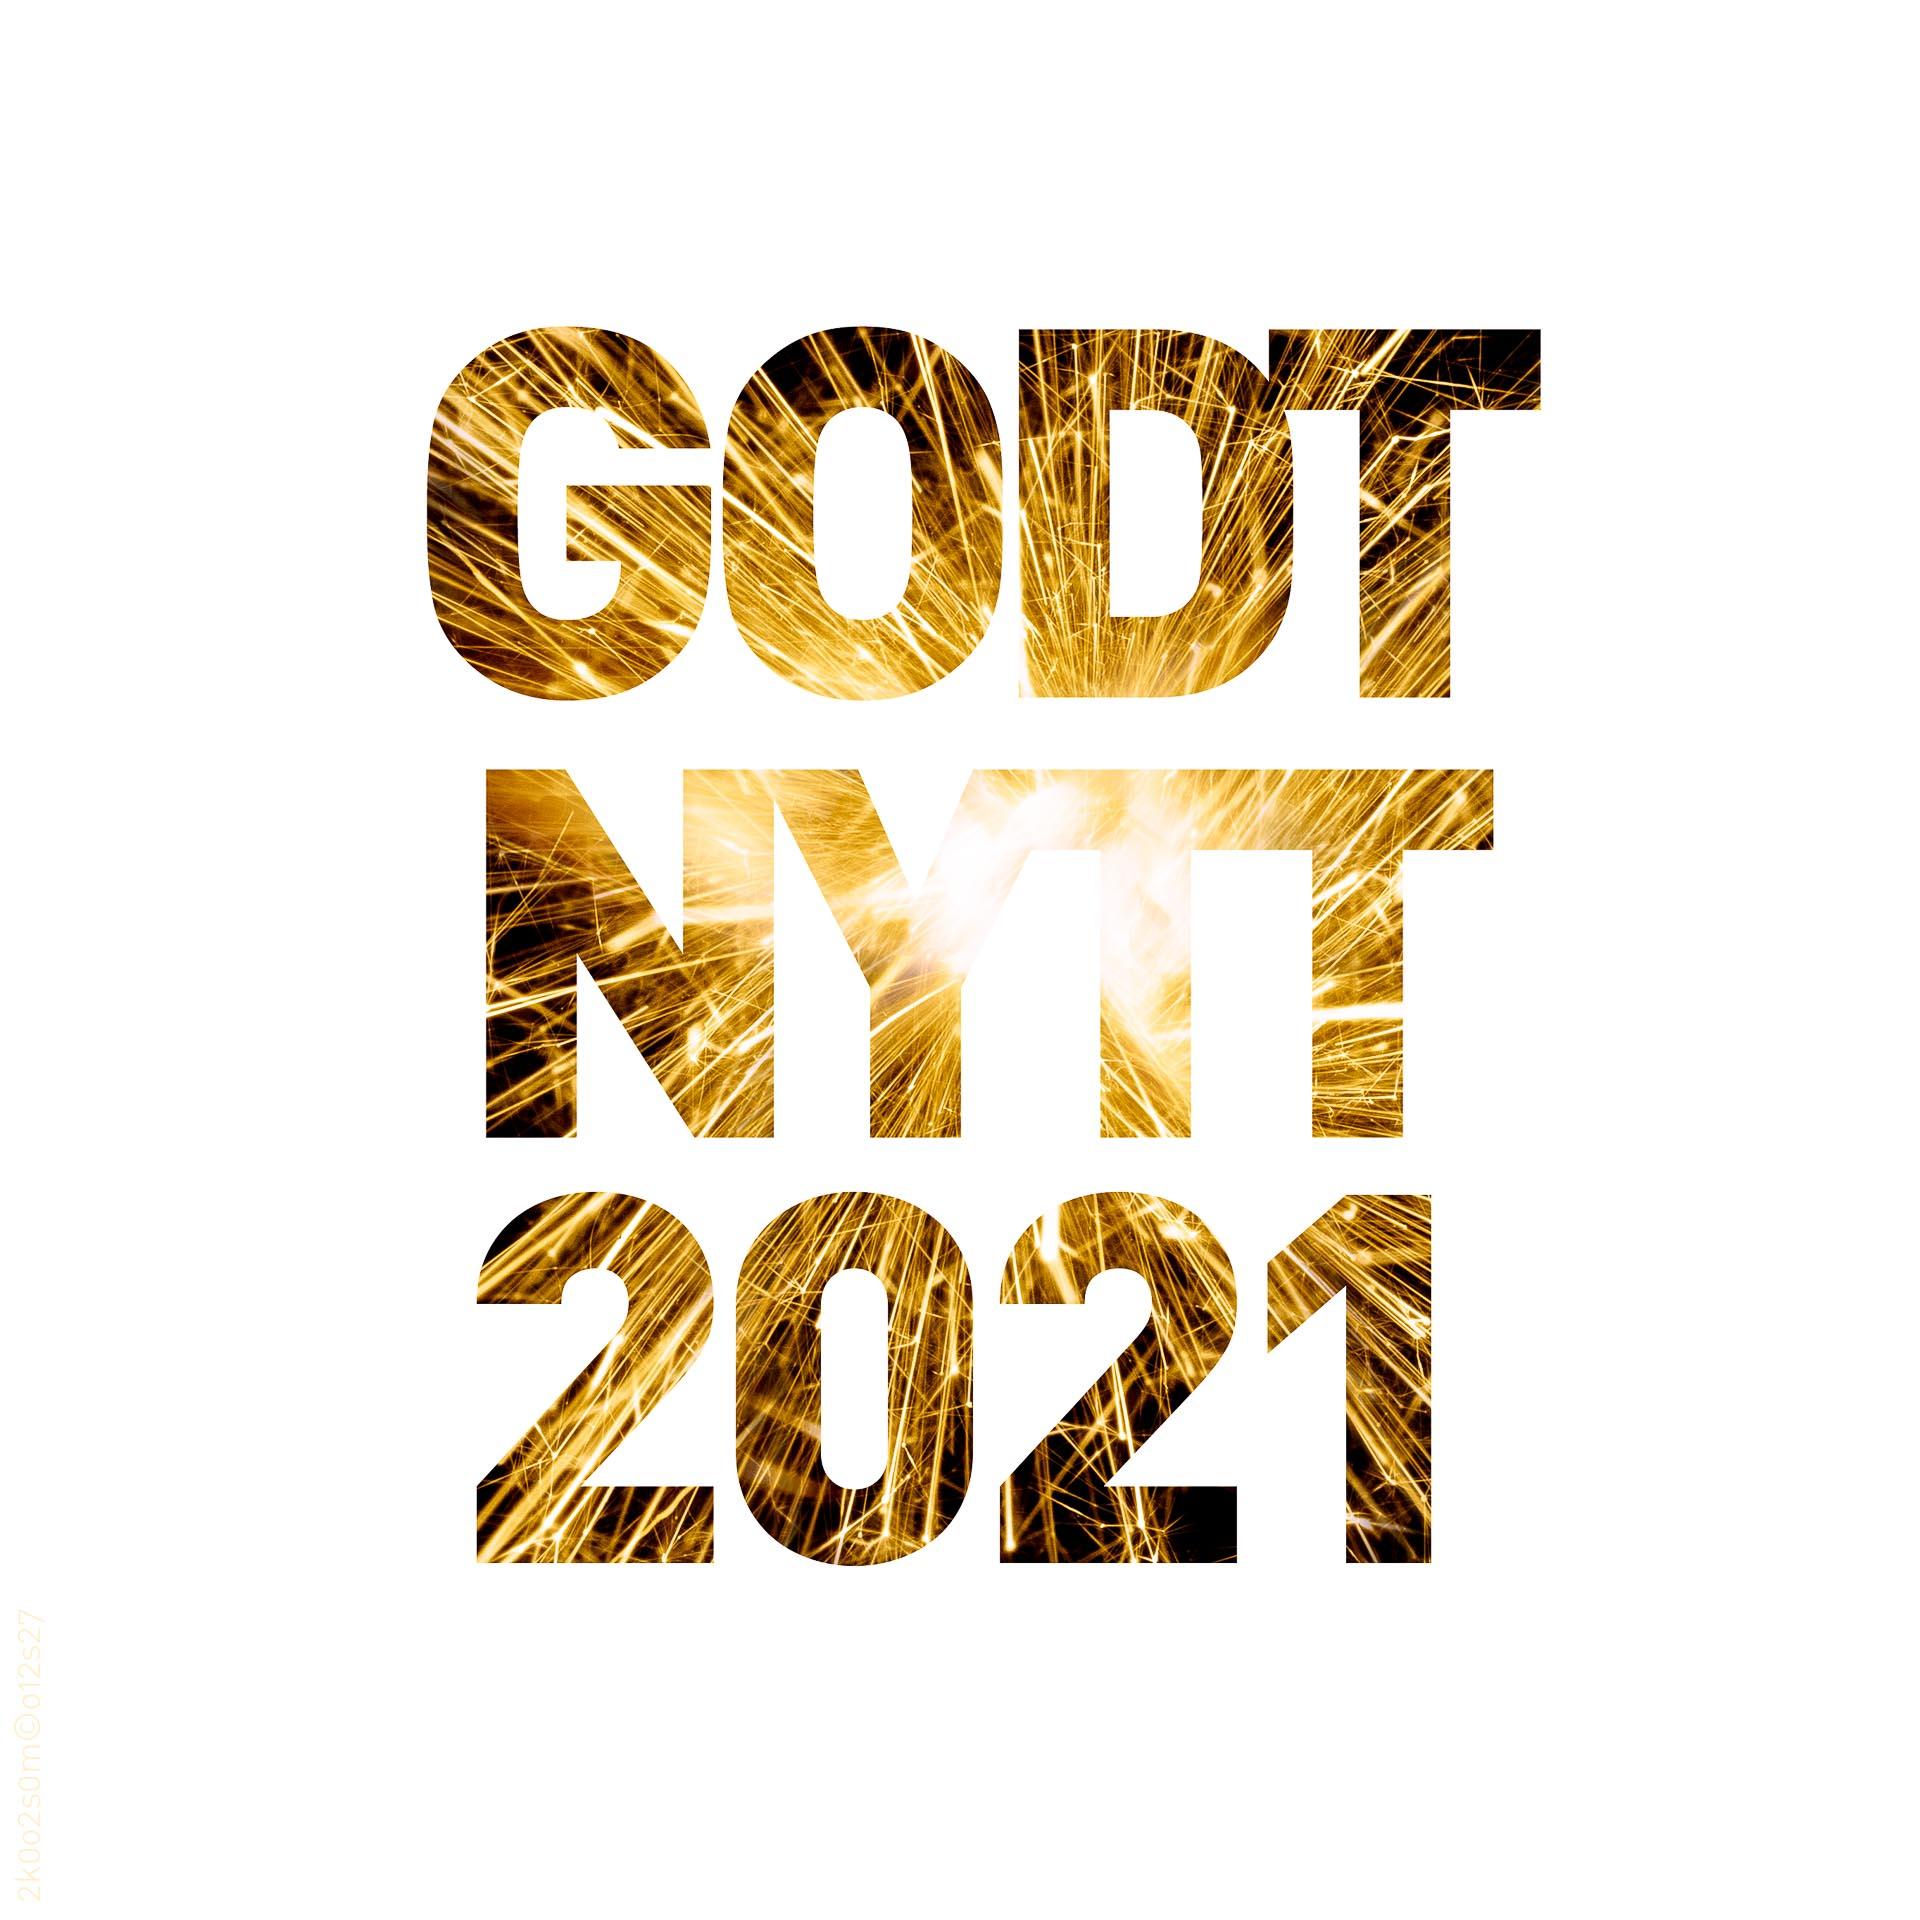 Godt nytt 2021 (kvadratisk)